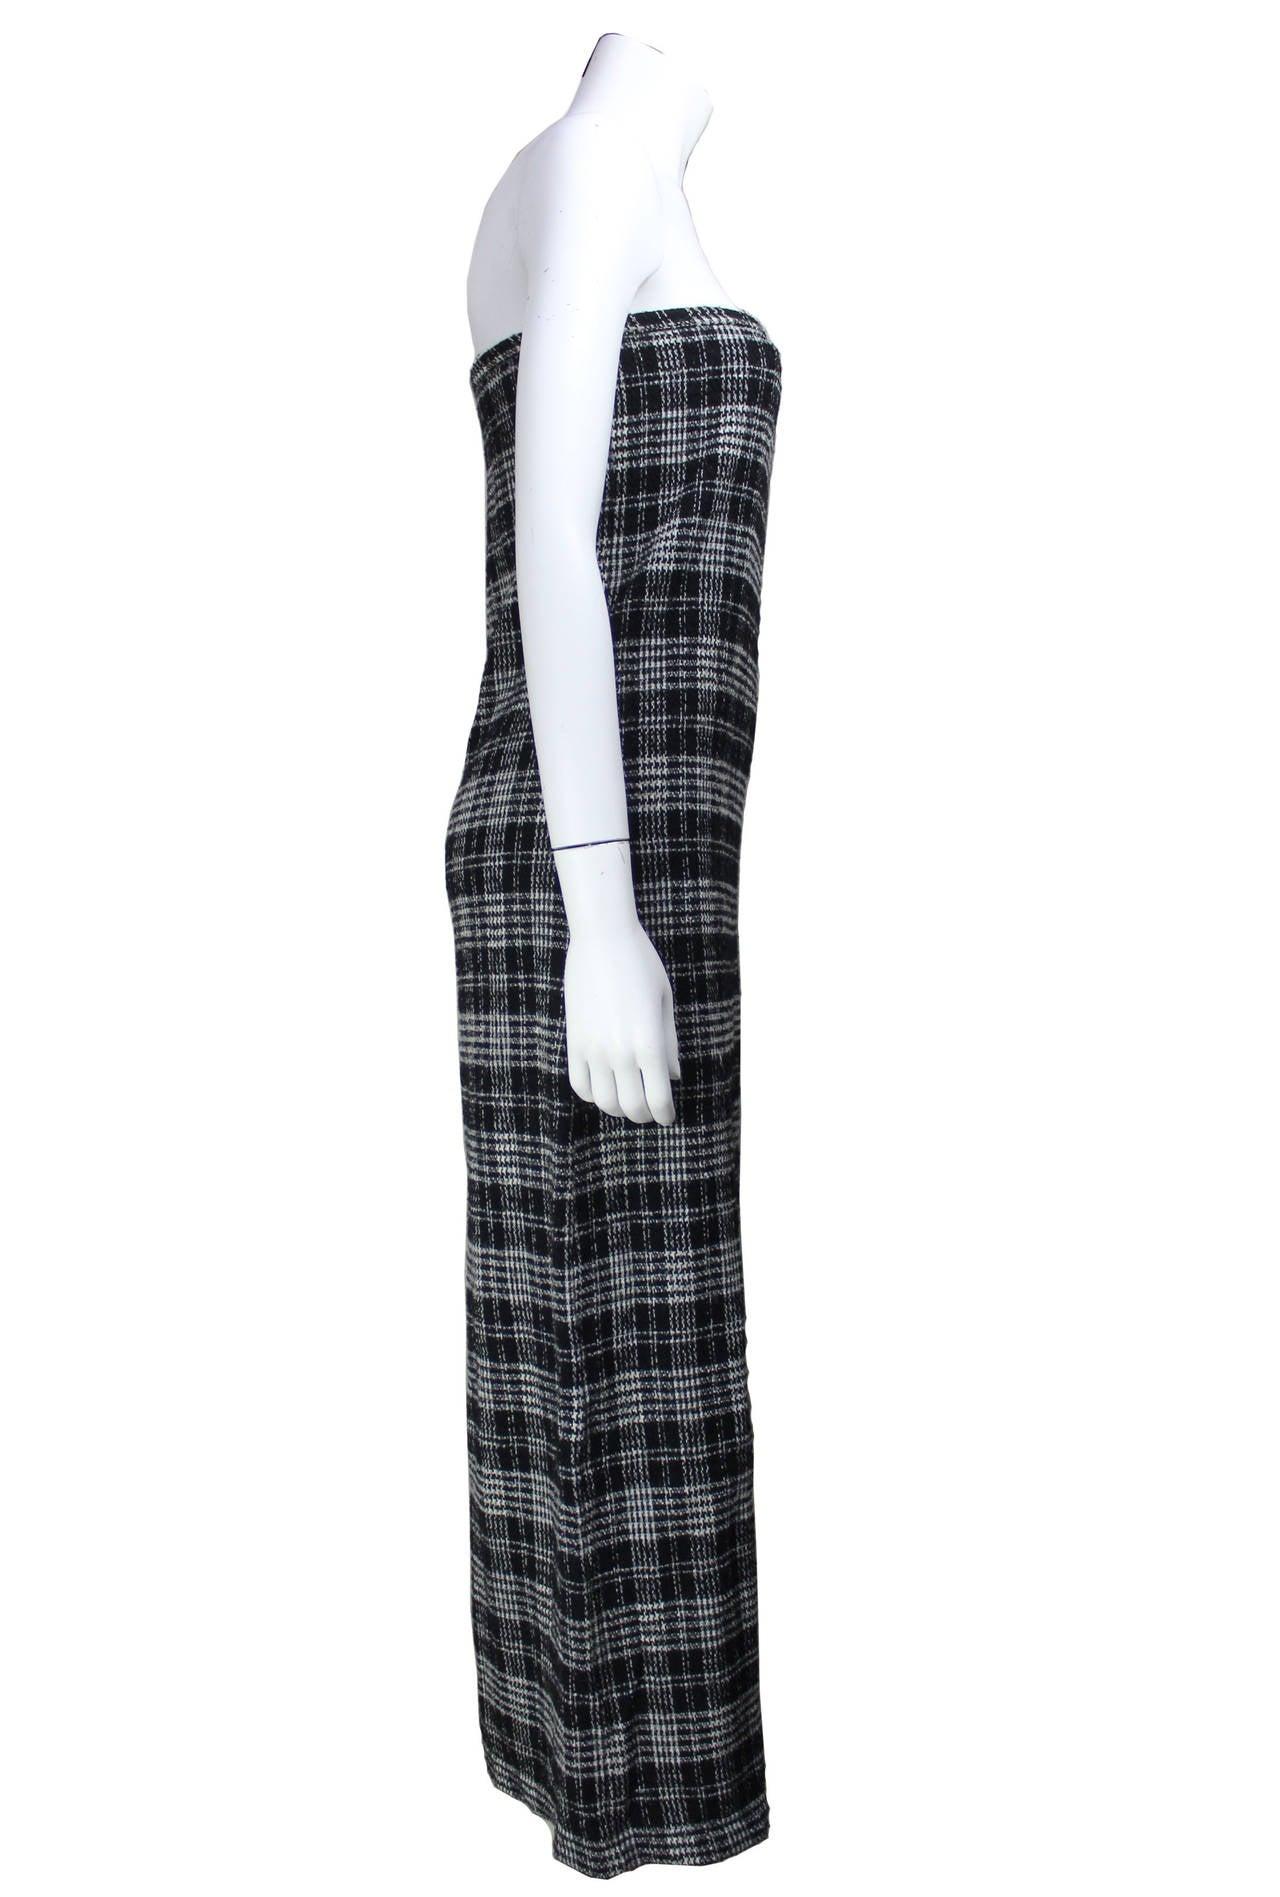 Comme des Garcons Plaid Maxi Tube Dress 2